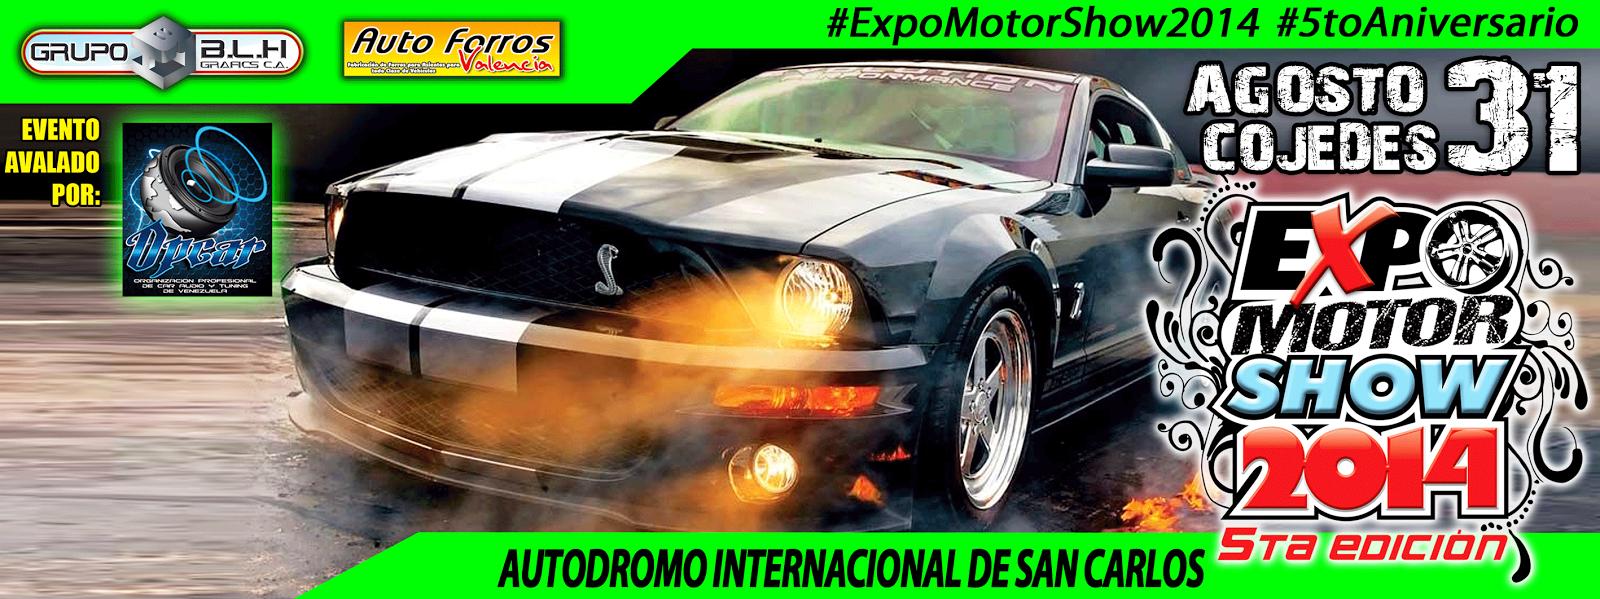 Expo Show Eventos